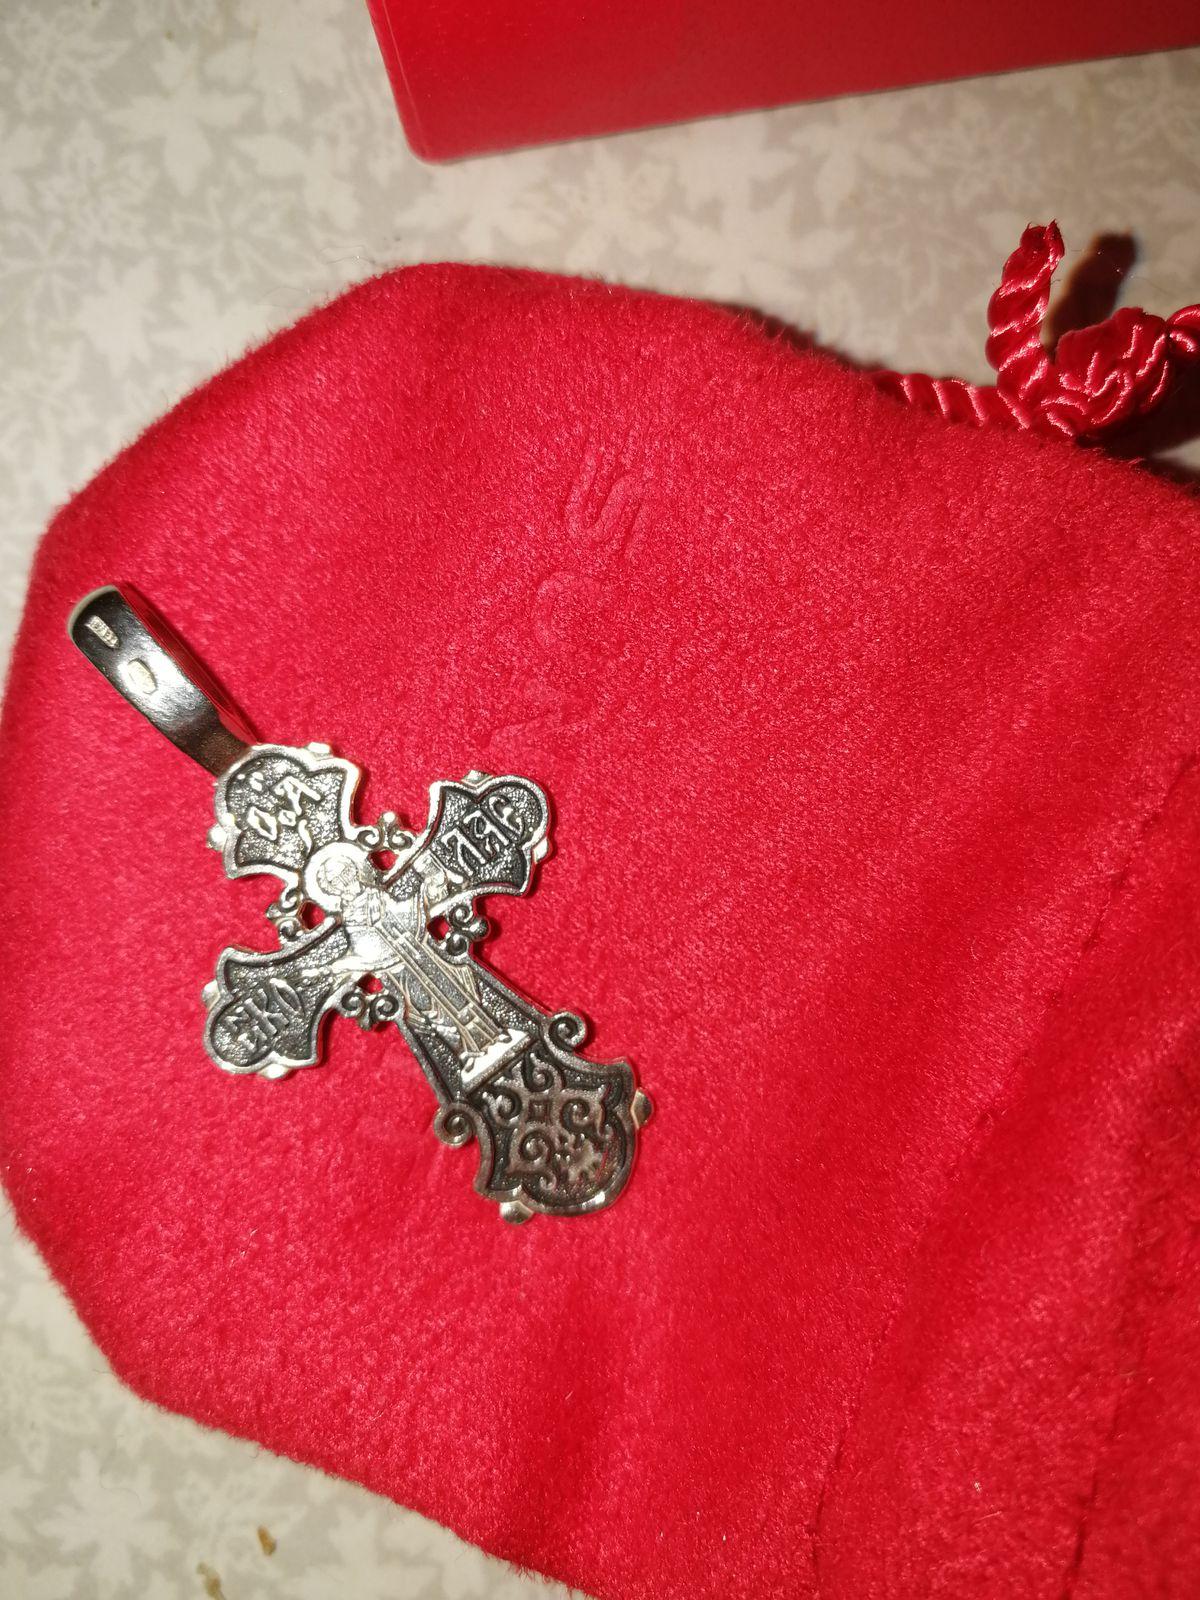 Отличный подарок мужу на новый год)))